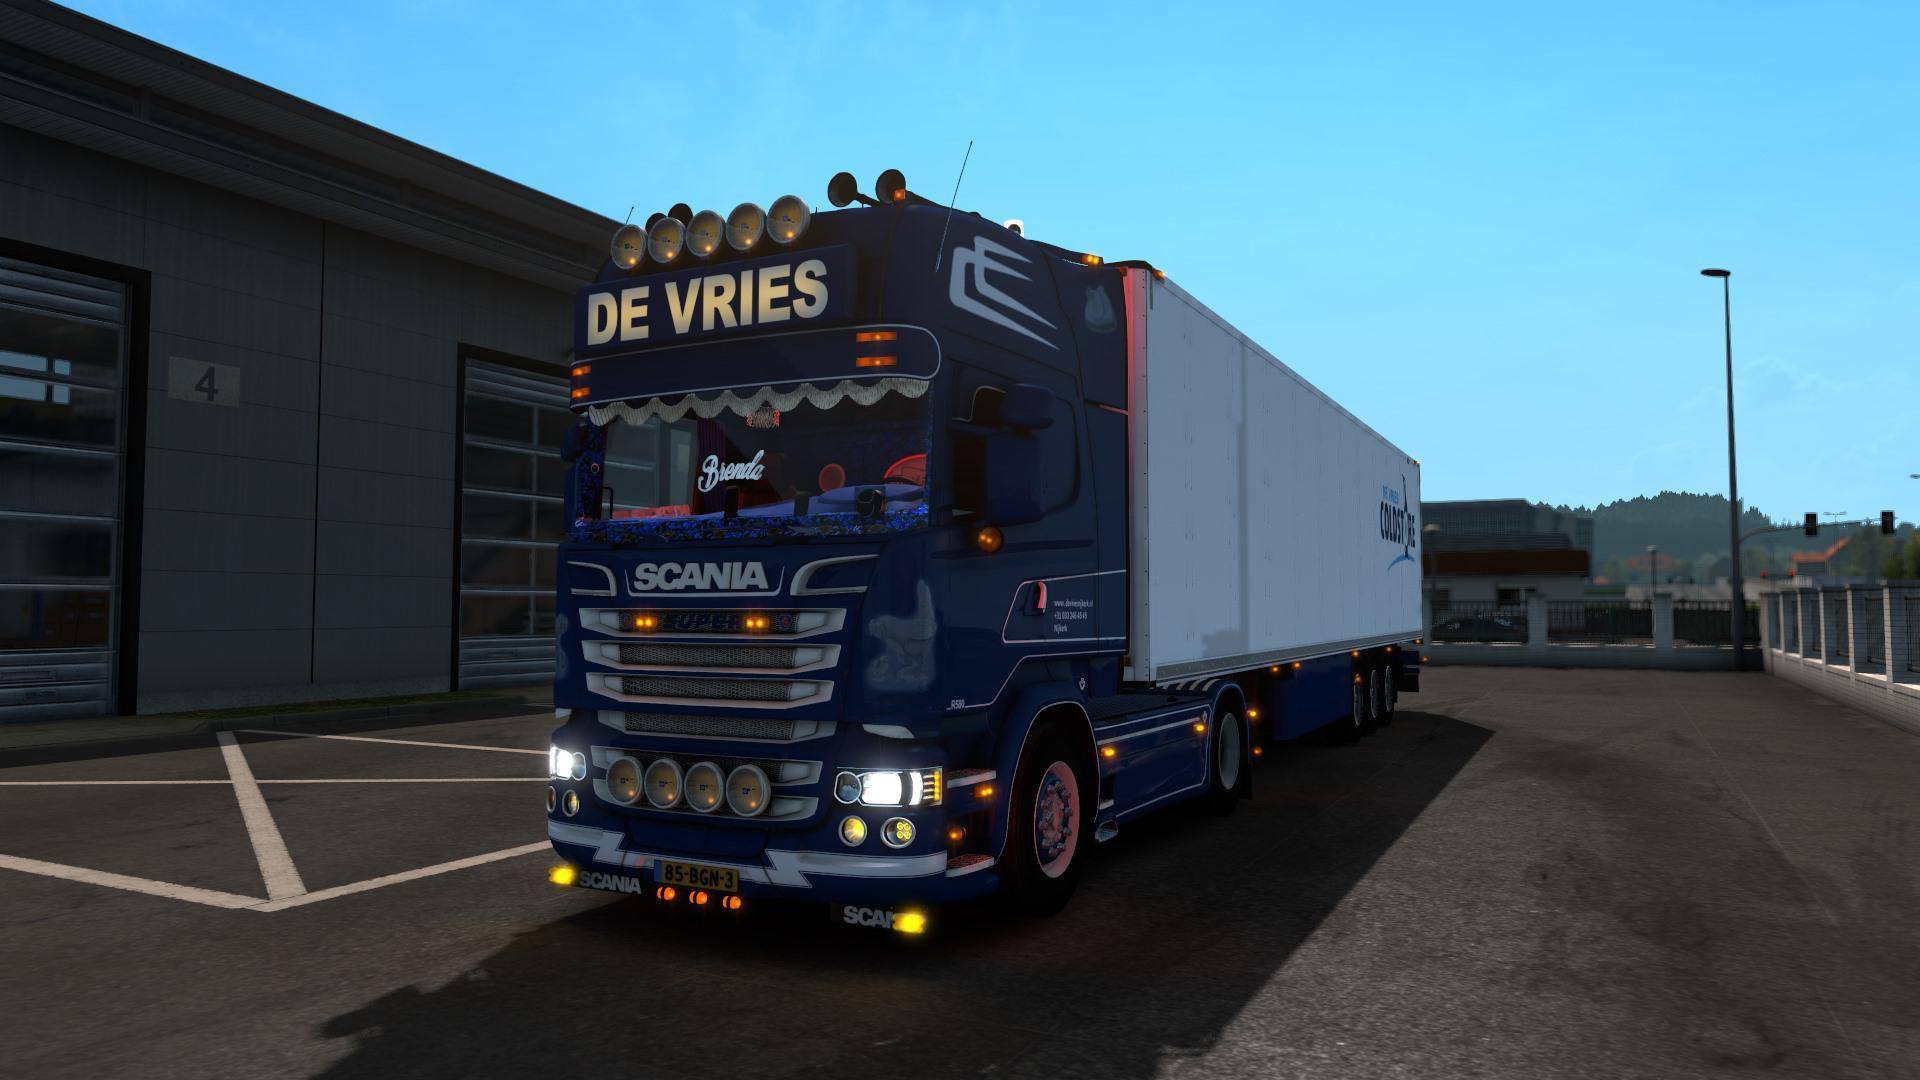 ETS2 - Scania DE Vries Truck (1.39.x)